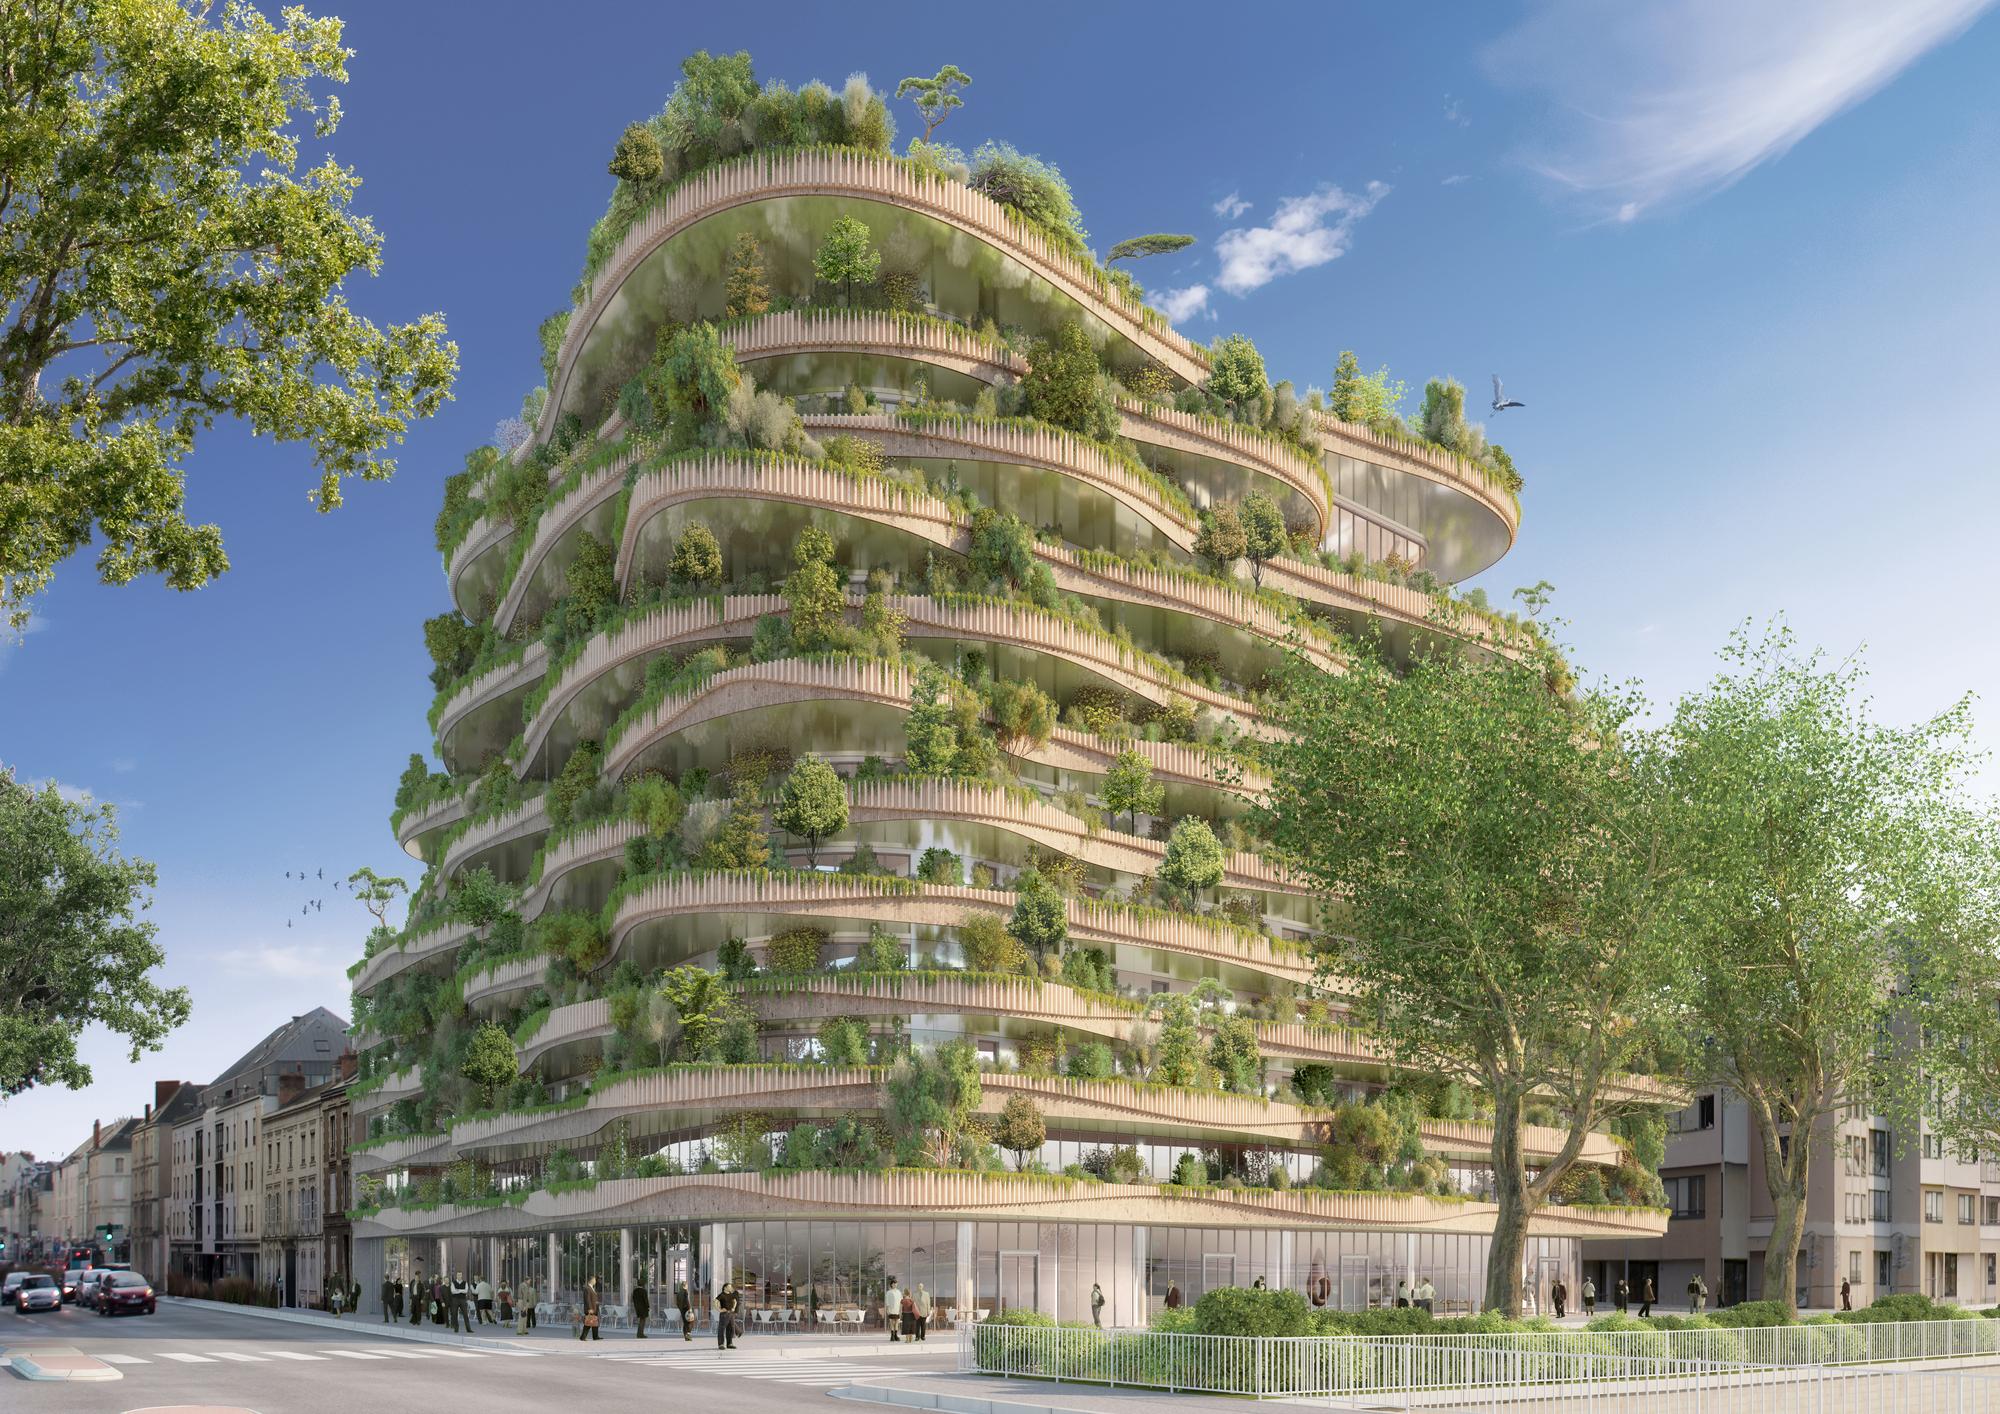 París planea convertirse en una 'Smart City' 100% sostenible para 2050